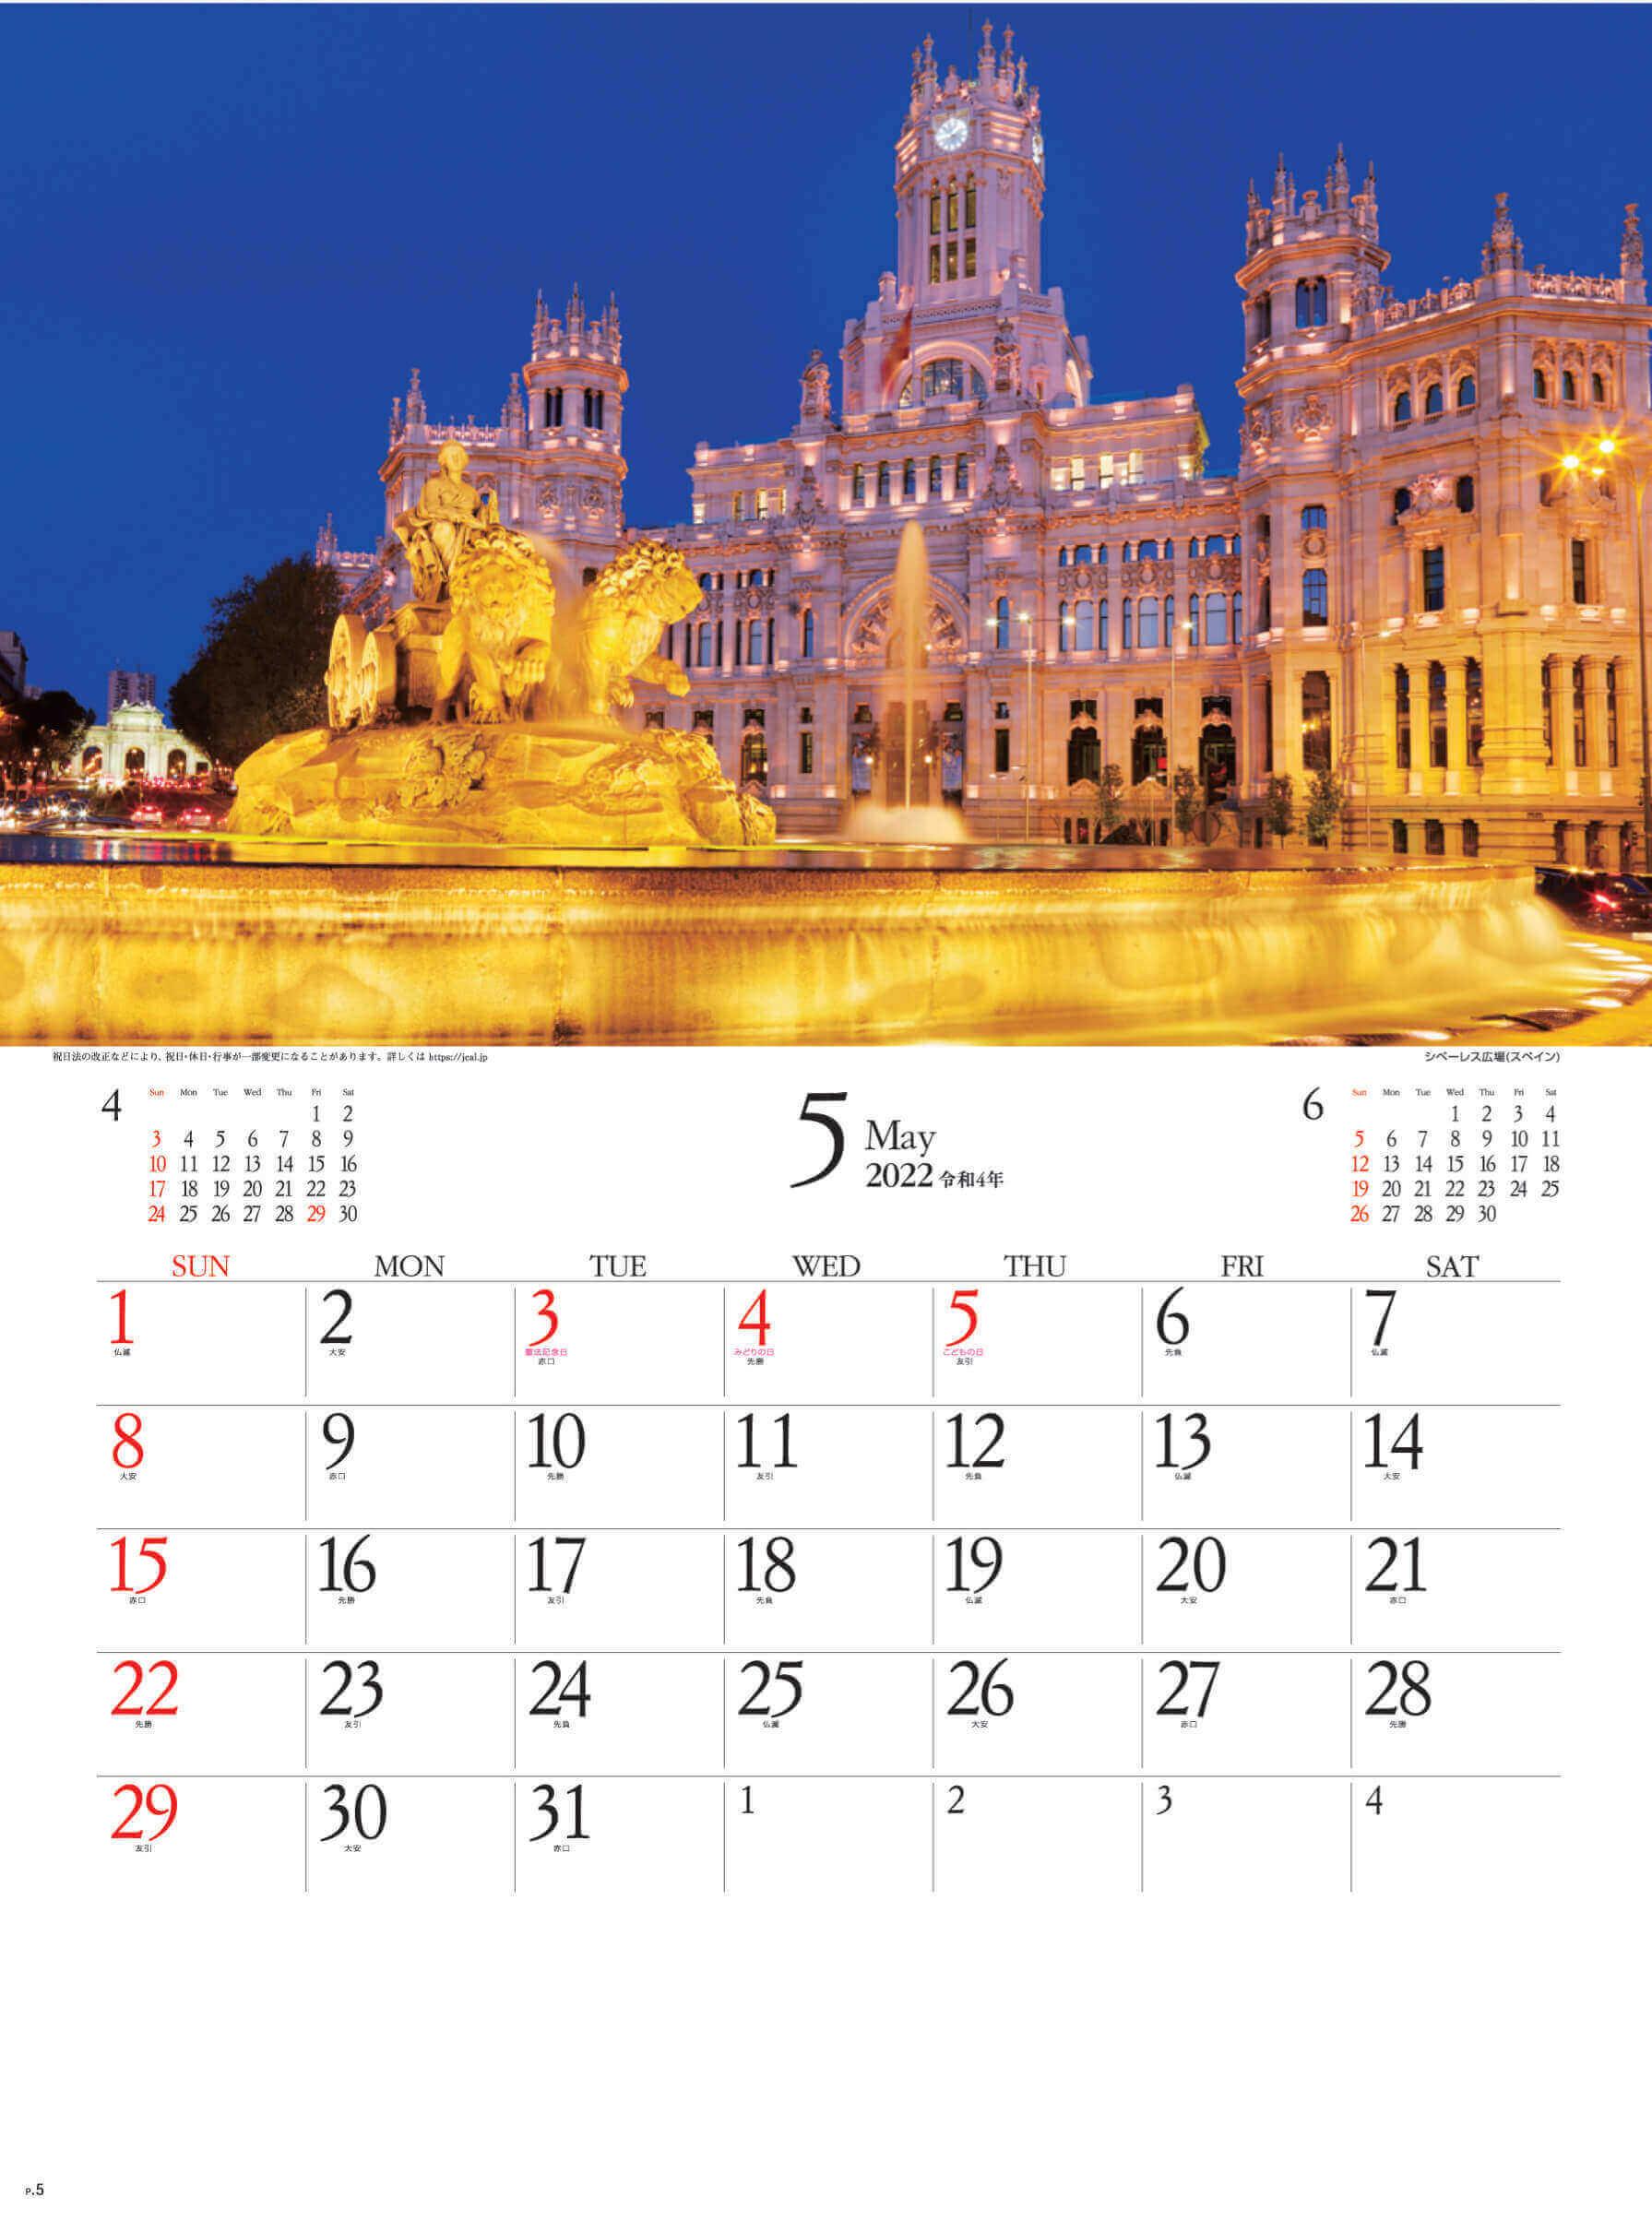 5月 シベーレス広場 スペイン エンドレスシティ・世界の夜景 2022年カレンダーの画像